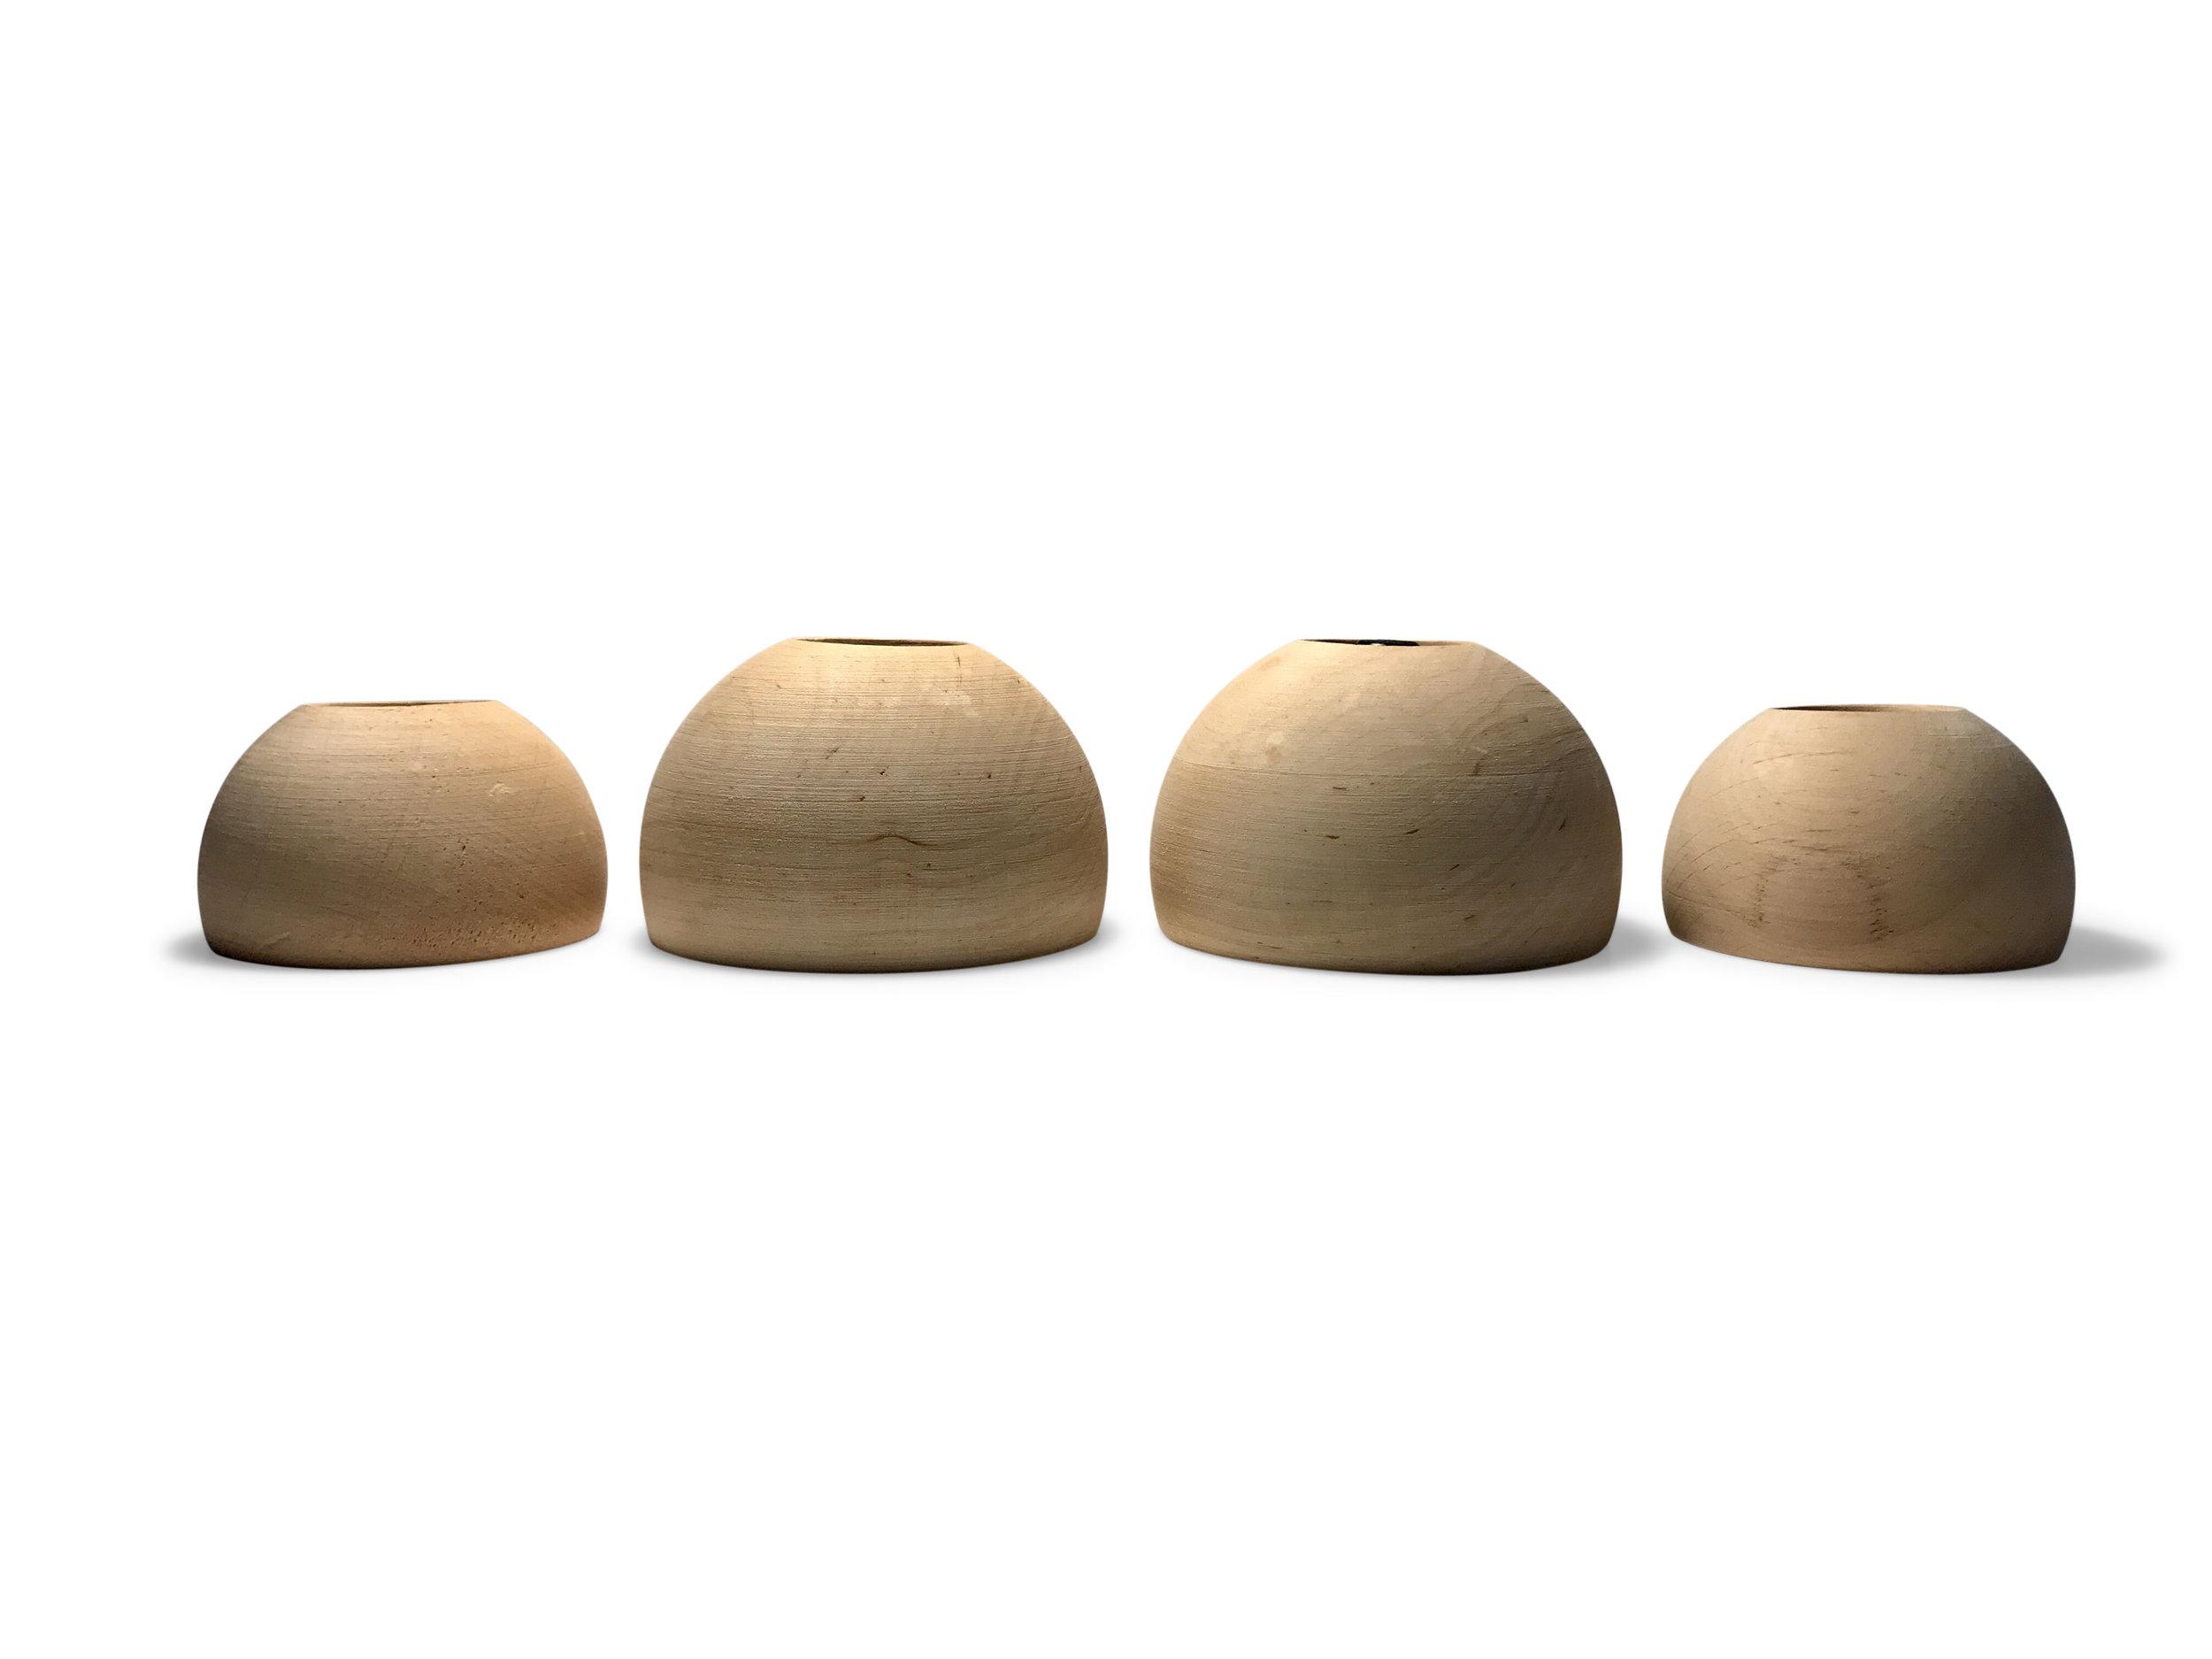 problemsolver-portable-hangboards-fingerboard-climbing-bouldering-klettern-bouldern-training-wood-half-dome-3.jpg